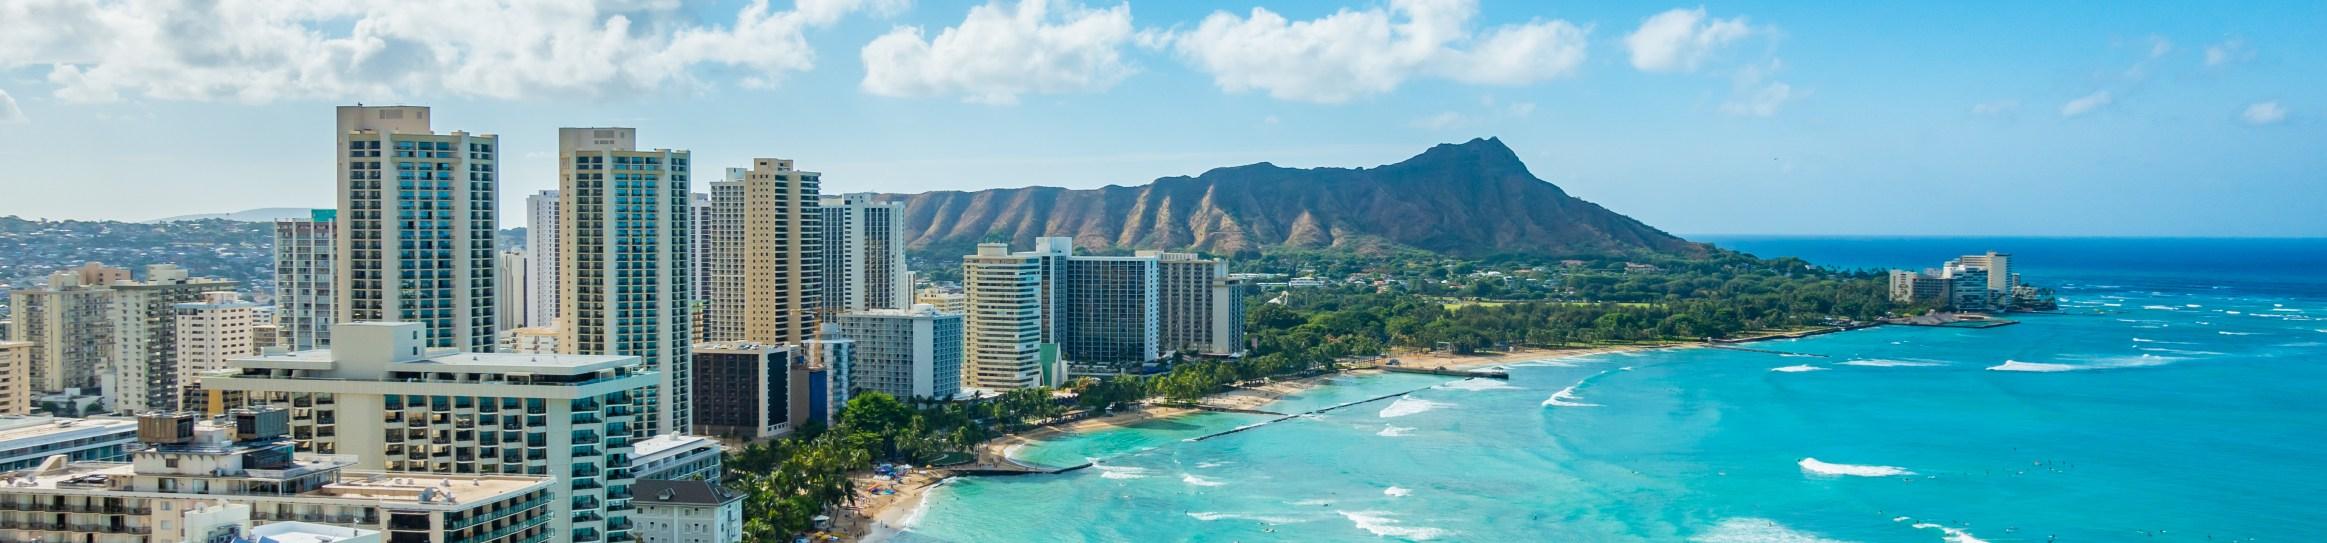 Honolulu_Okimo_GettyImages-1015218282